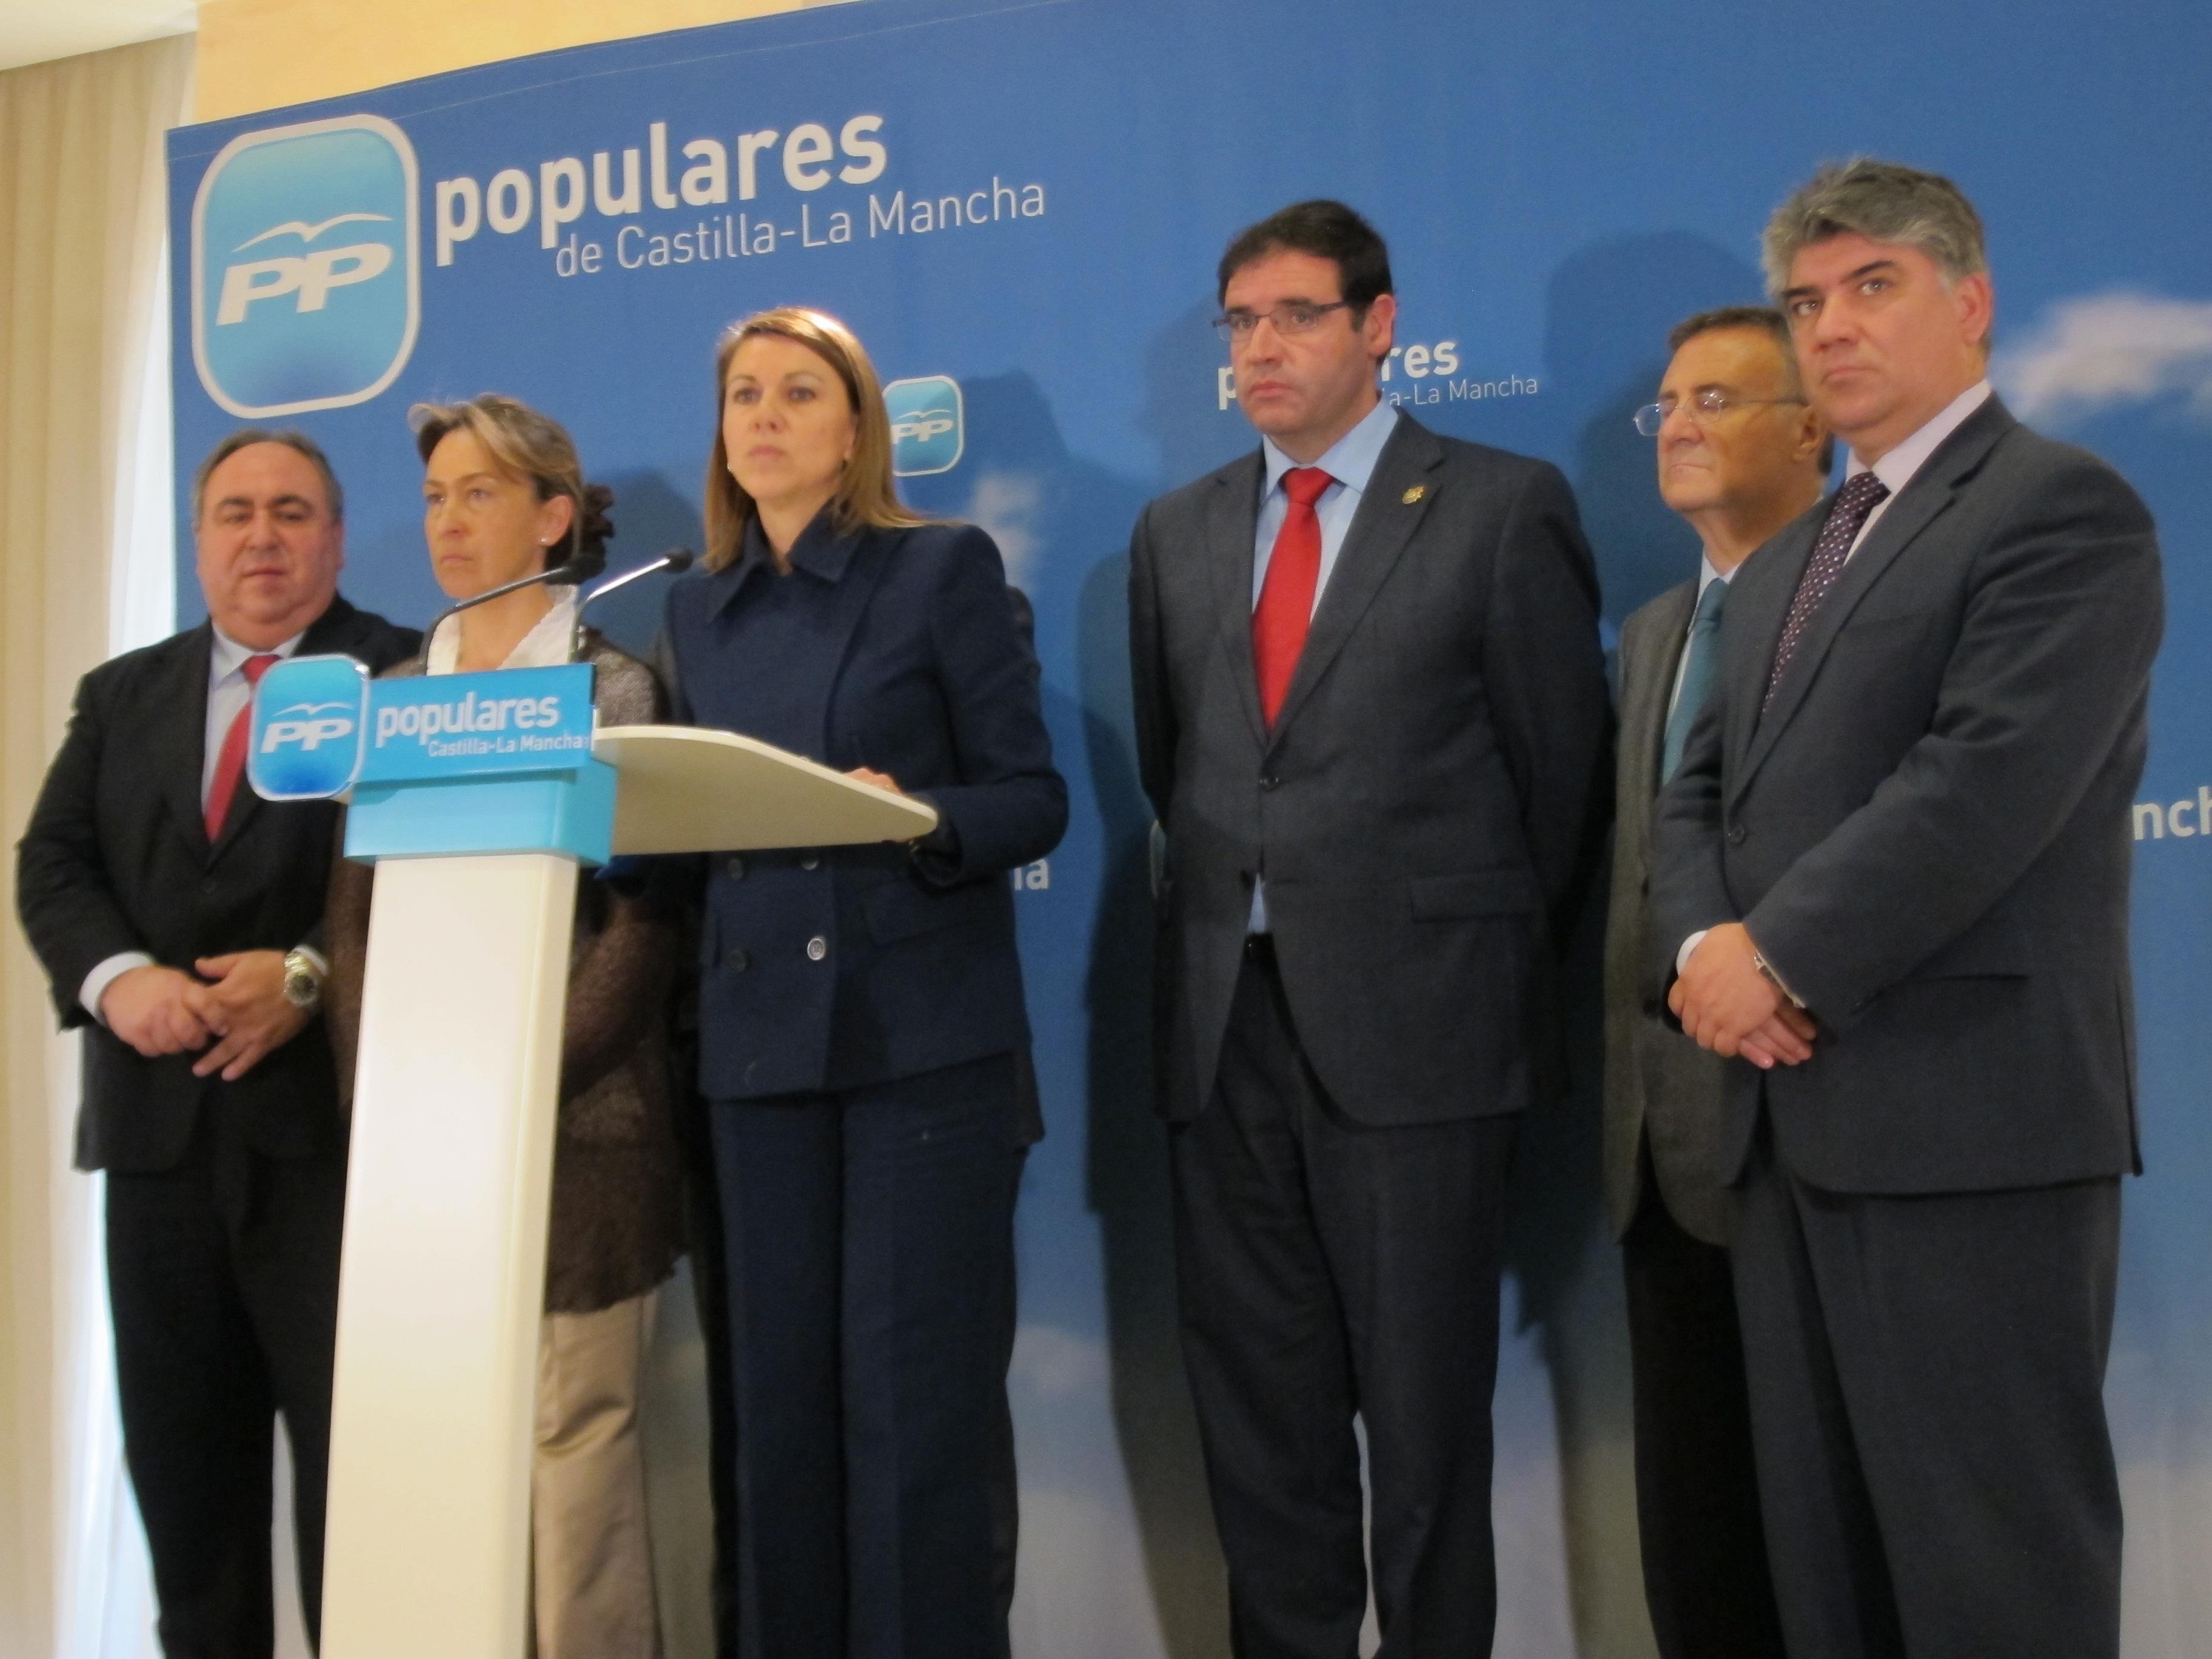 Cospedal está «convencida» de que la legislatura terminará en Castilla-La Mancha «creando empleo y creciendo»